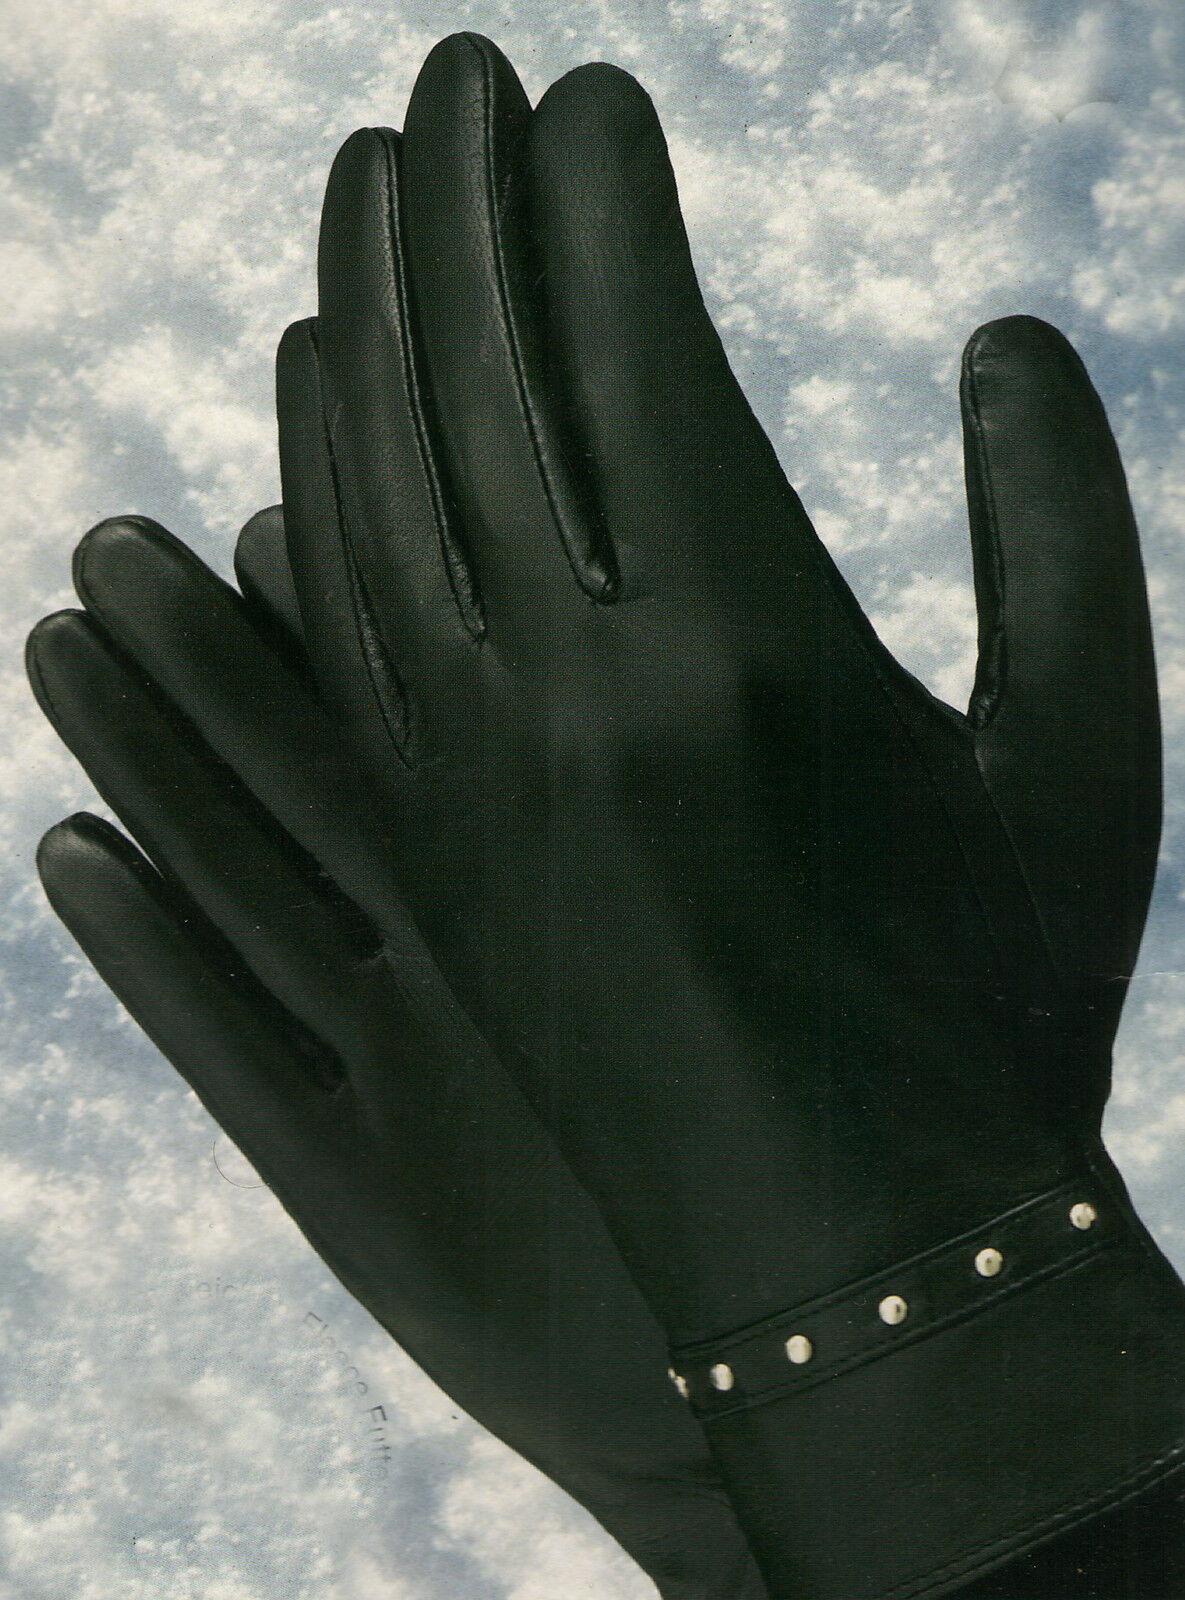 Lammnappa Lederhandschuhe Nieten Gr.8 boccaccio fein fein fein Leder warmes Fleecefutter | Angemessene Lieferung und pünktliche Lieferung  | Zahlreiche In Vielfalt  | Ausgezeichnete Leistung  9a5014